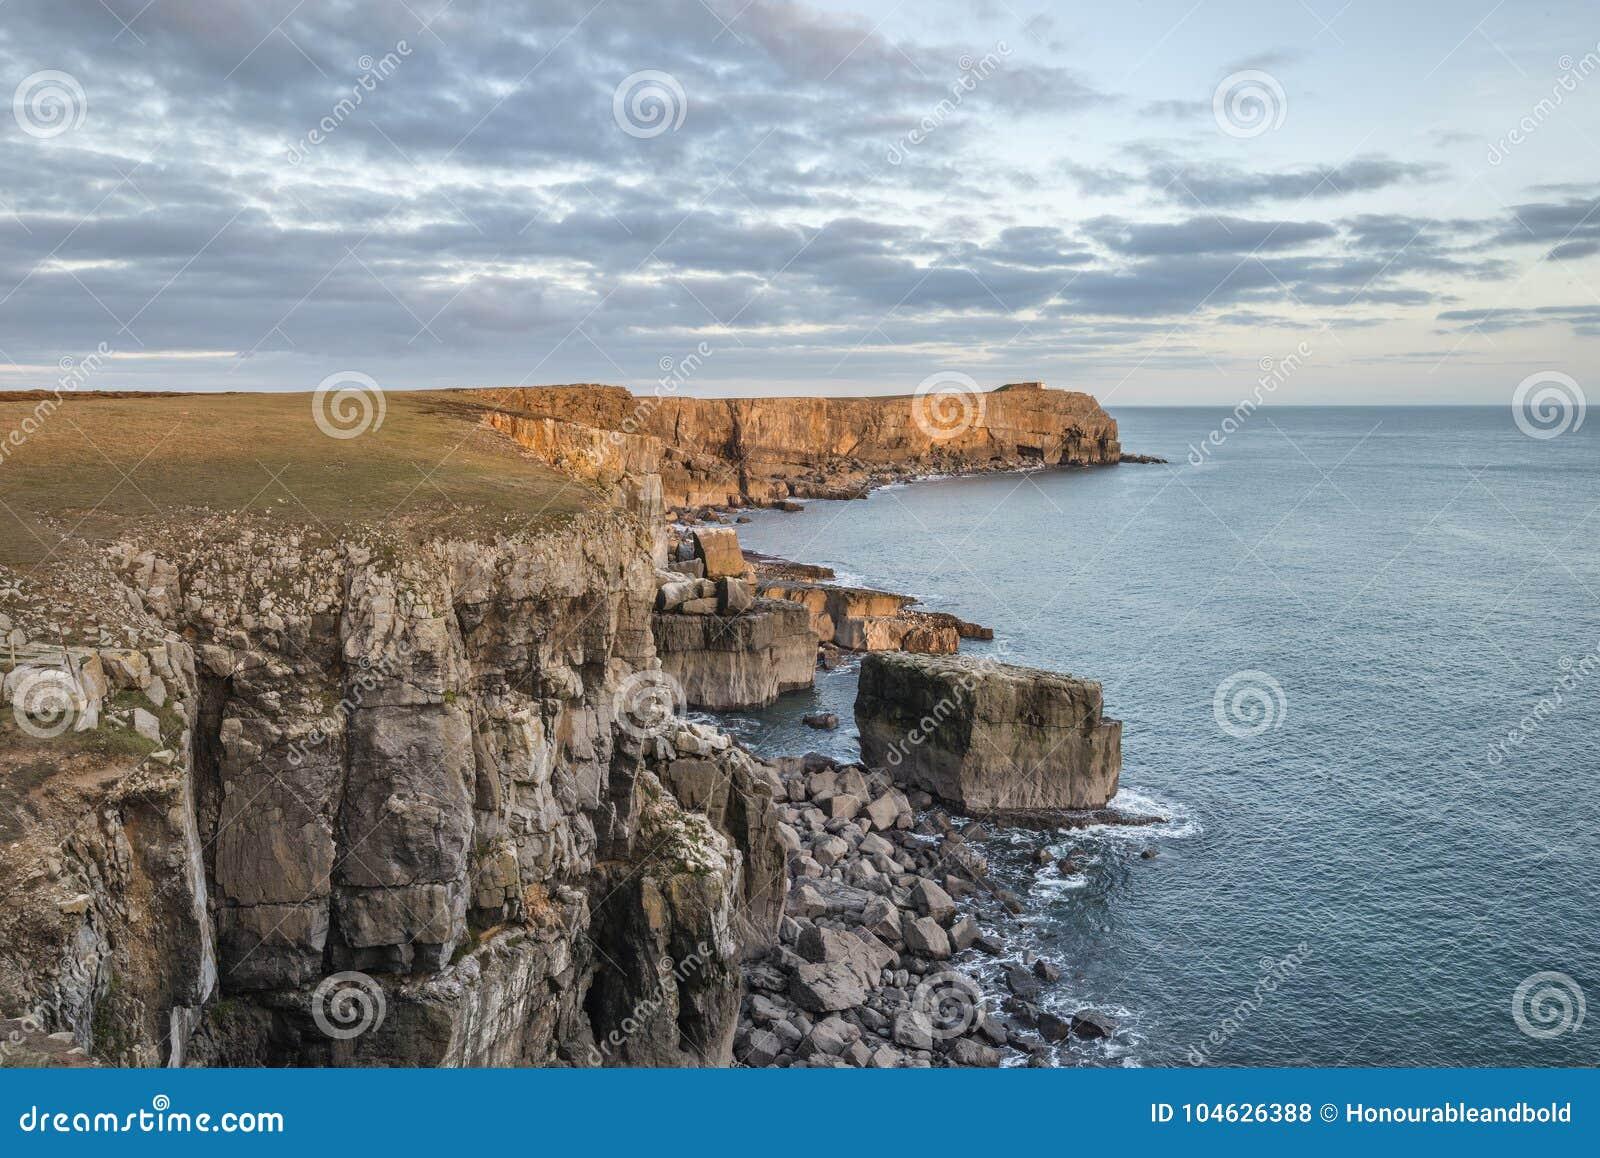 Download Overweldigend Trillend Landschapsbeeld Van Klippen Rond St Govan ` S Hea Stock Foto - Afbeelding bestaande uit naughty, kleurrijk: 104626388